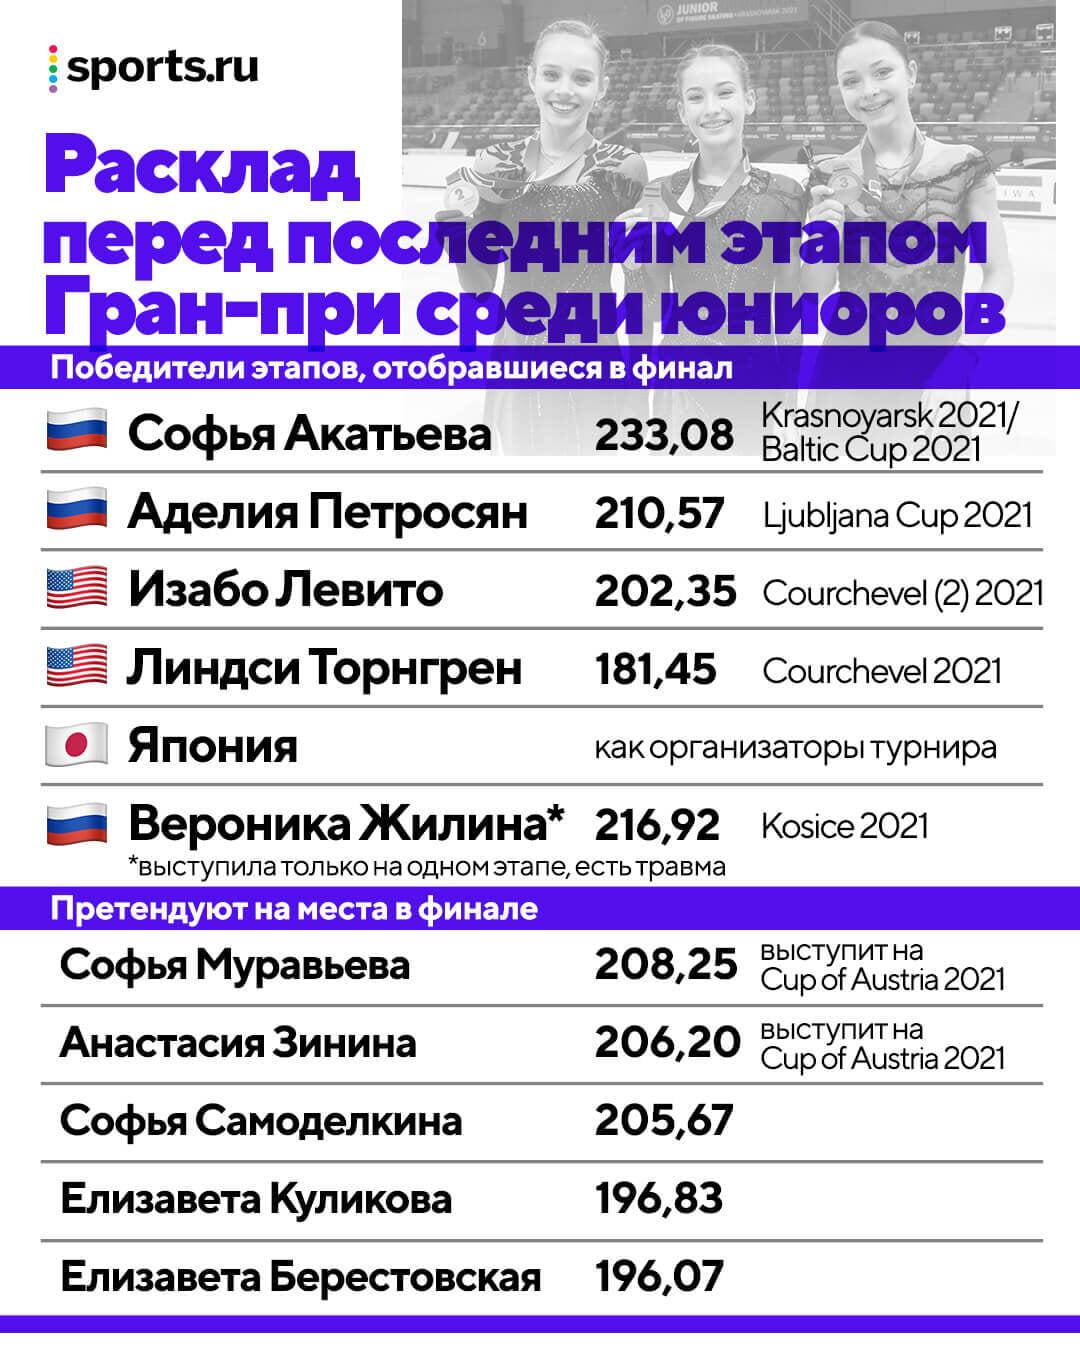 В фигурном Гран-при резко изменили правила отбора – из-за России. Кто из наших пострадал и почему в финал не попадут лучшие?